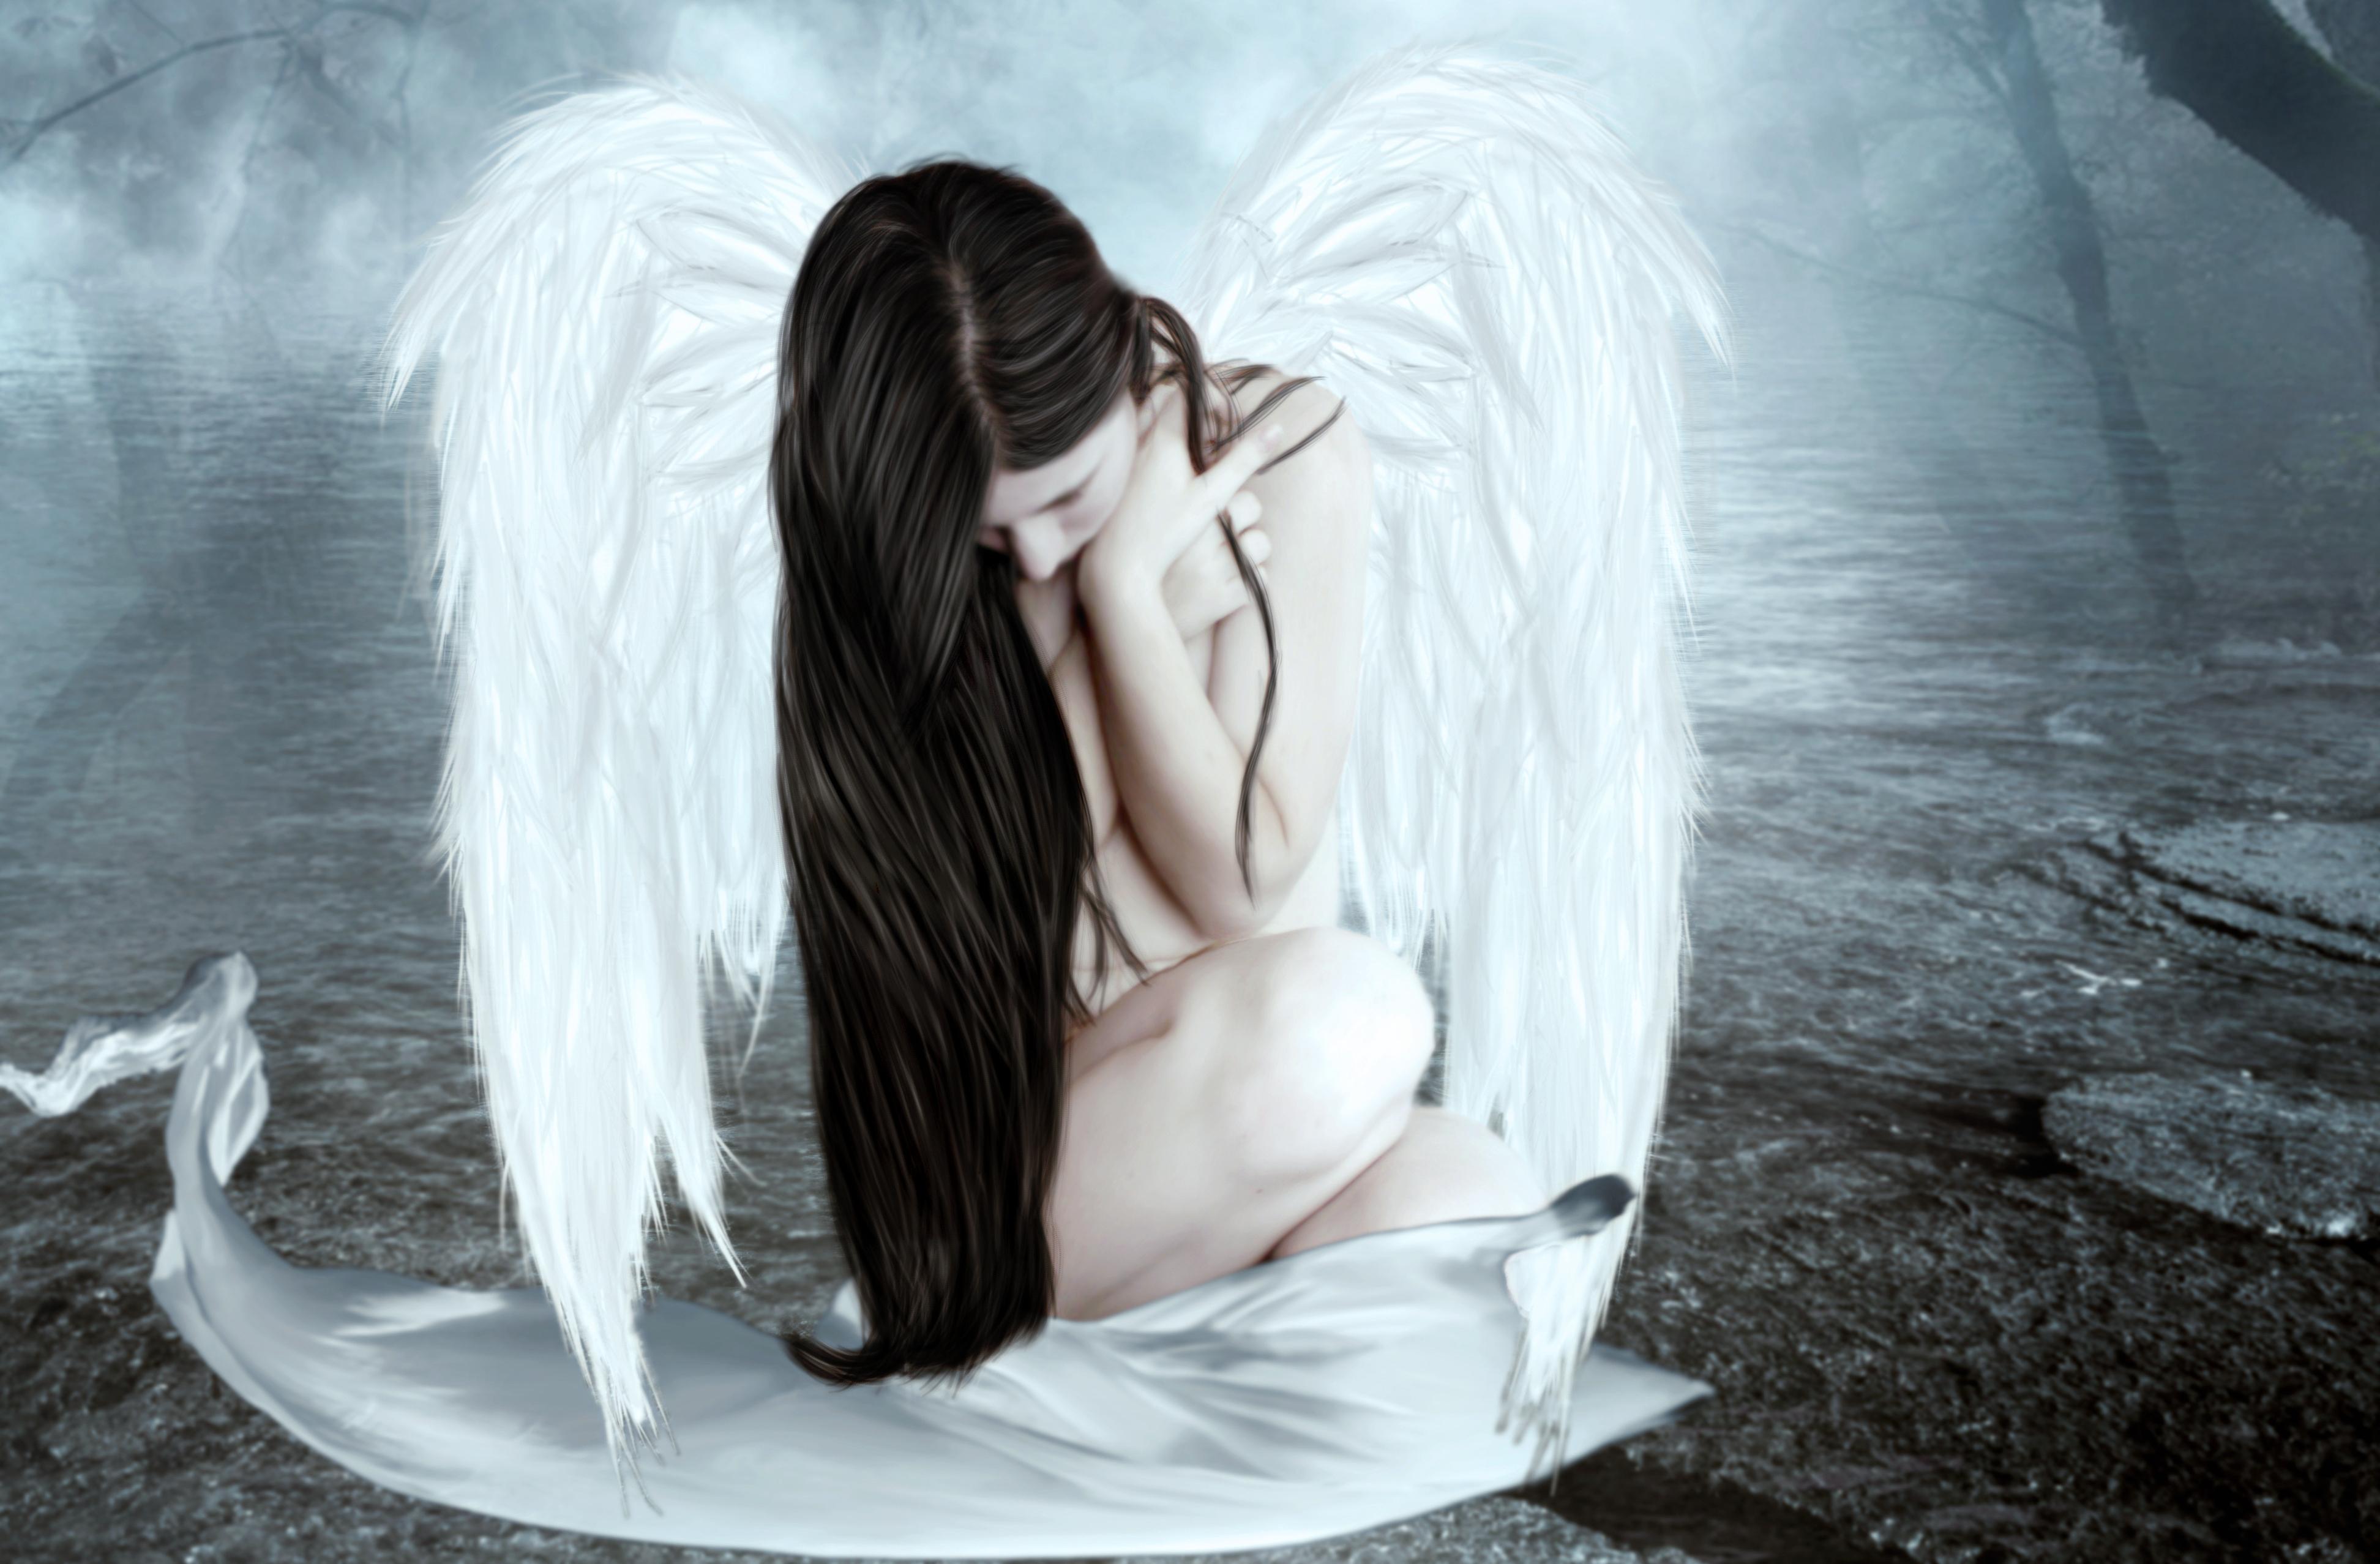 Цветов гофрированной, картинки грустных ангелов